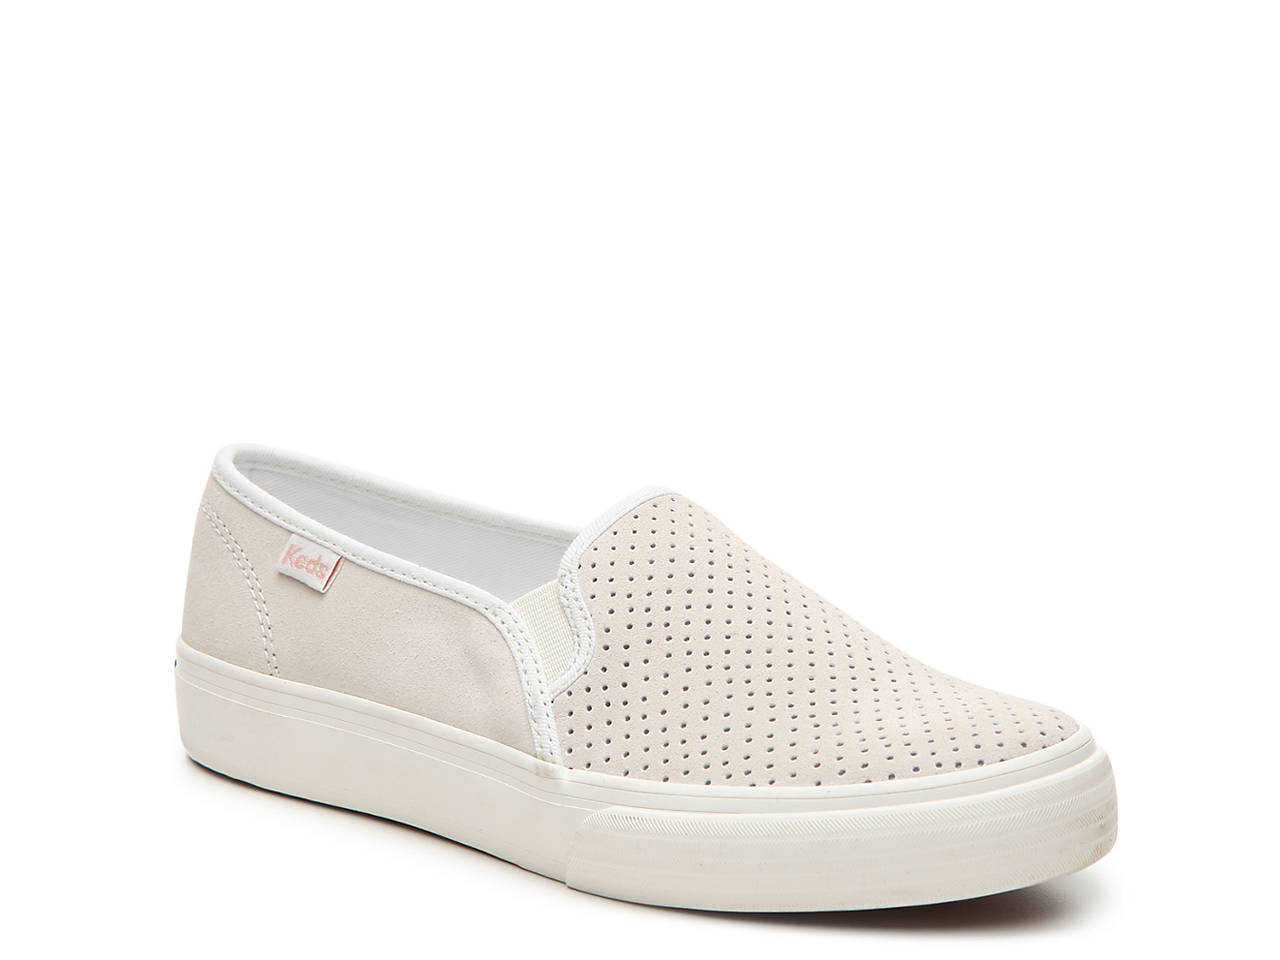 a2c9729cc666 Keds Double Decker Slip-On Sneaker - Women s Women s Shoes